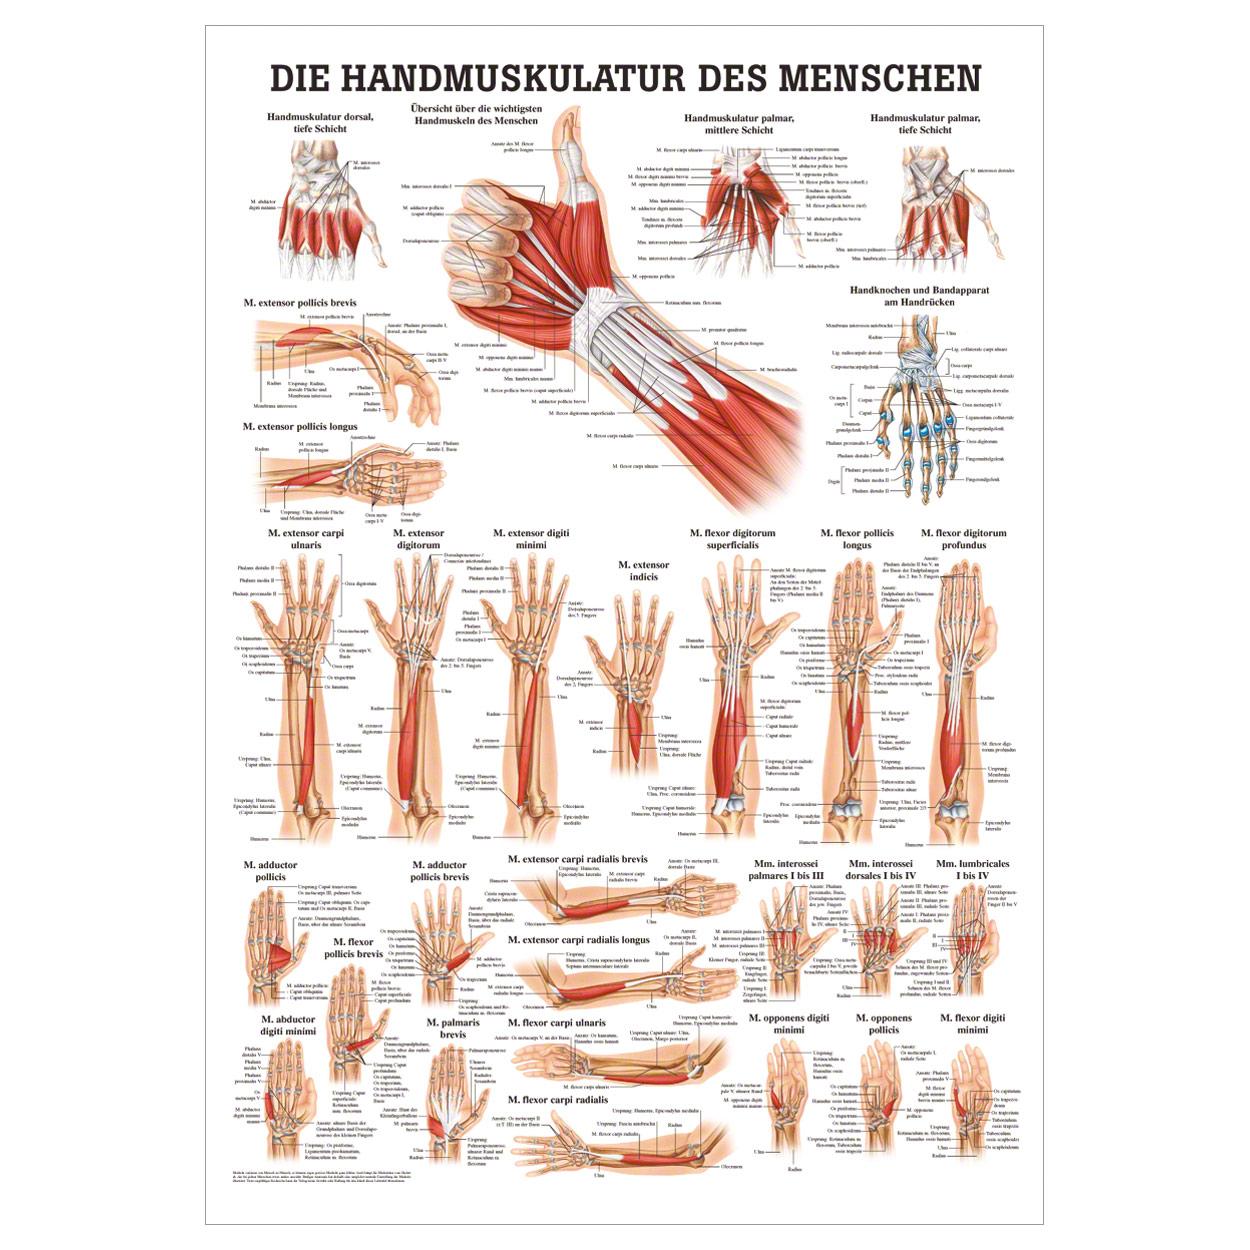 Fantastisch Anatomie Eines Fensters Ideen - Menschliche Anatomie ...